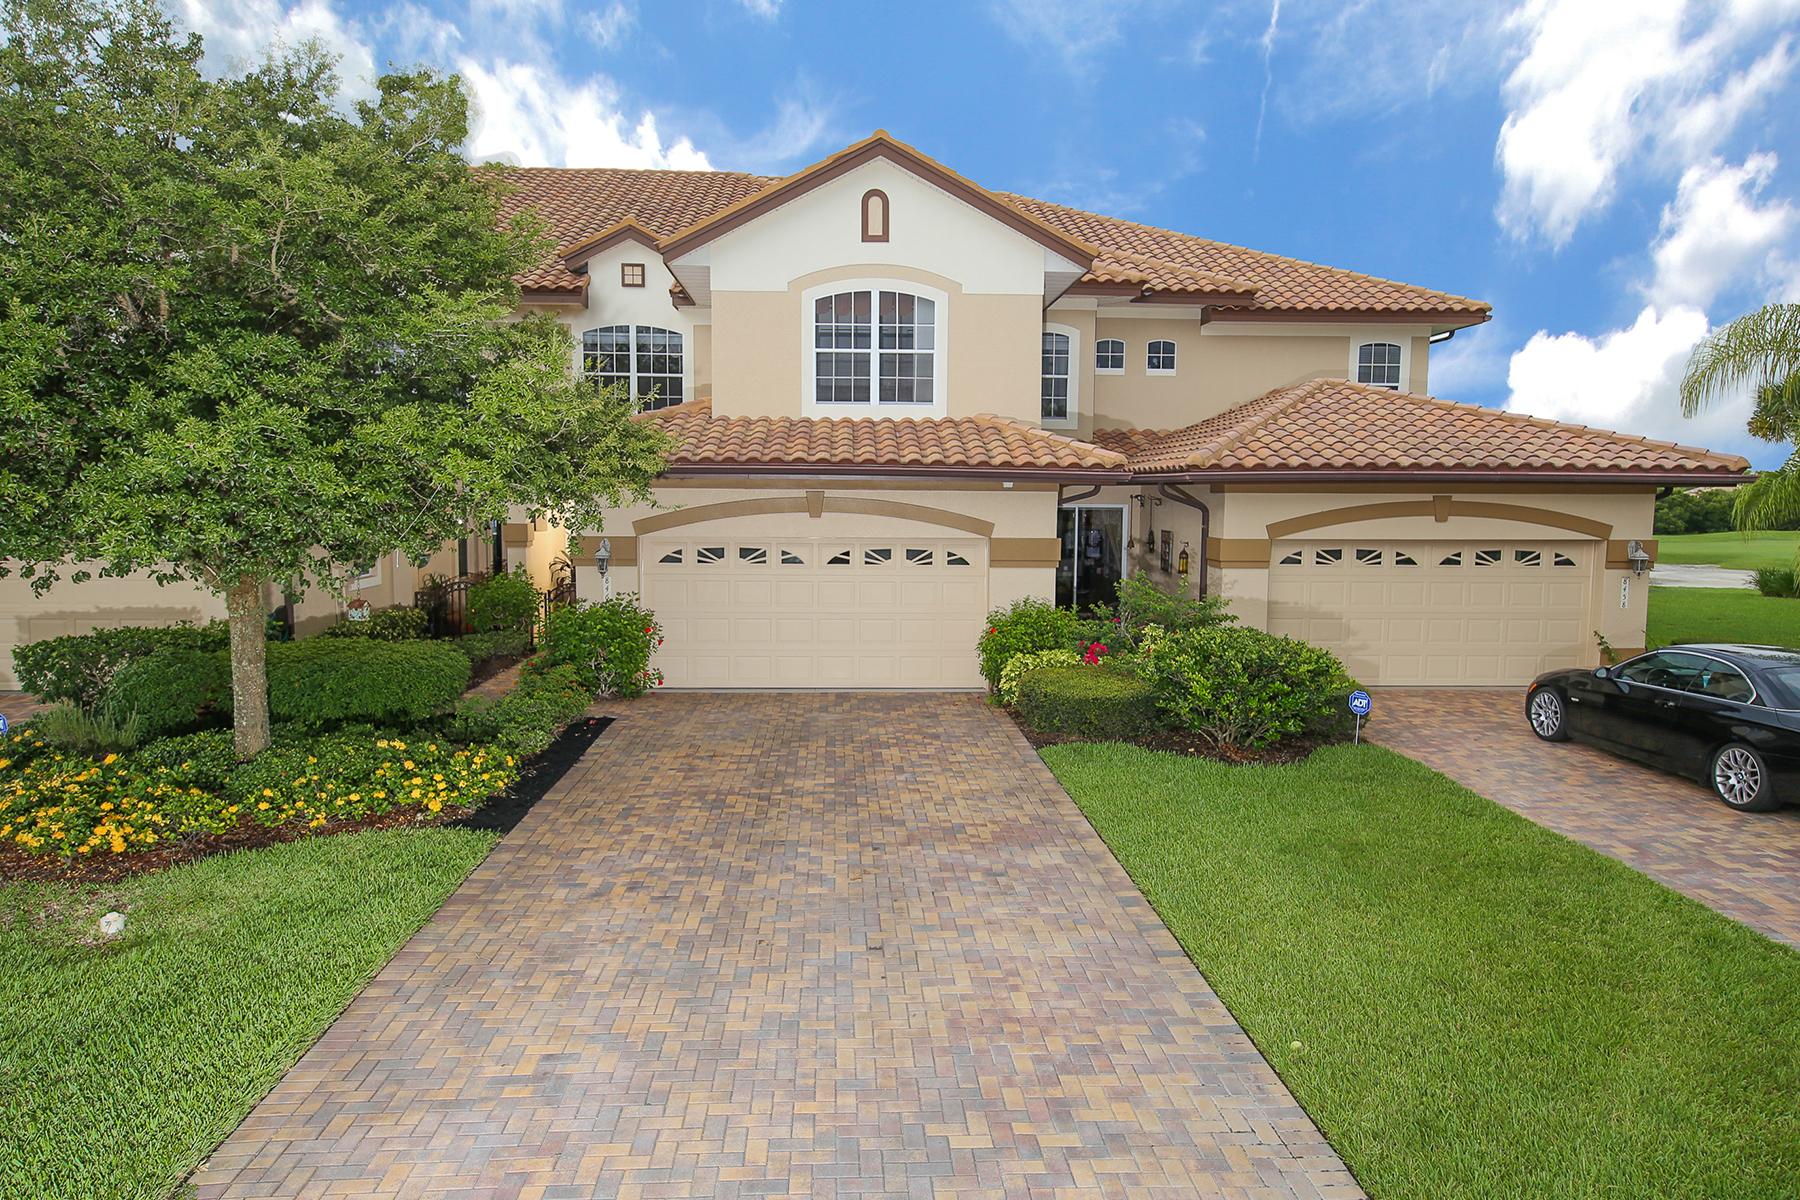 Stadthaus für Verkauf beim 8460 Miramar Way , Lakewood Ranch, FL 34202 8460 Miramar Way Lakewood Ranch, Florida 34202 Vereinigte Staaten